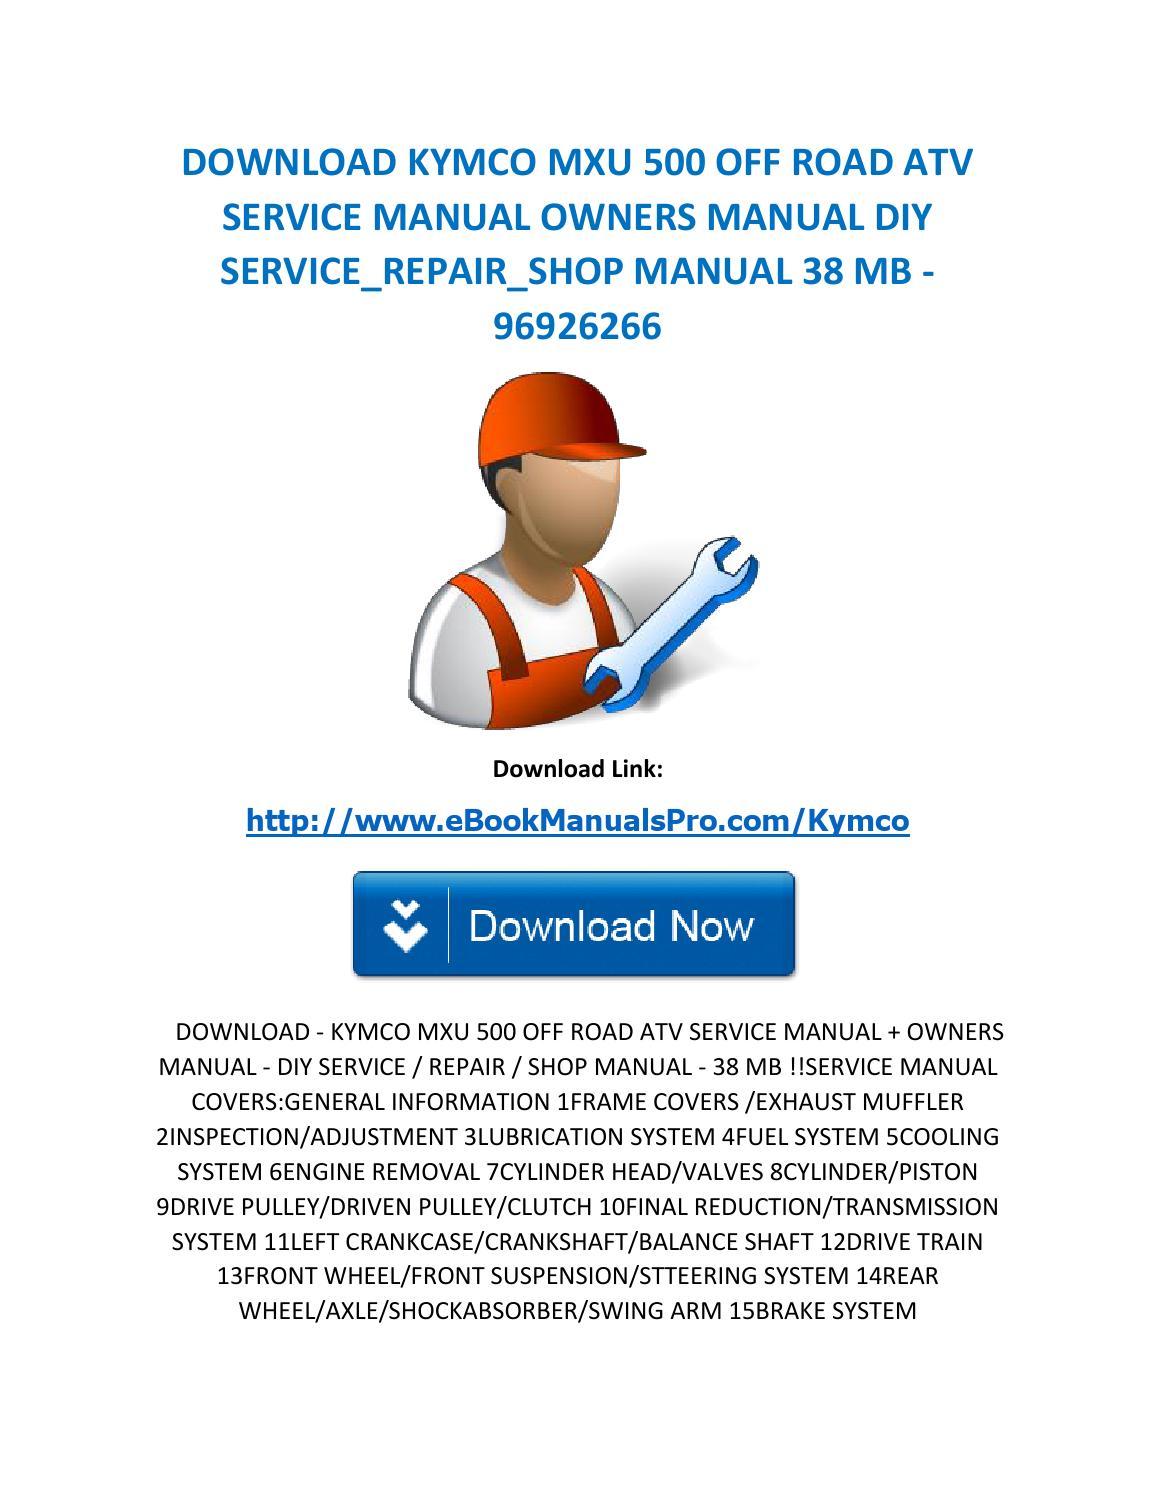 Download kymco mxu 500 off road atv service manual owners manual diy service  repair shop manual 38 m by karl casino - issuu